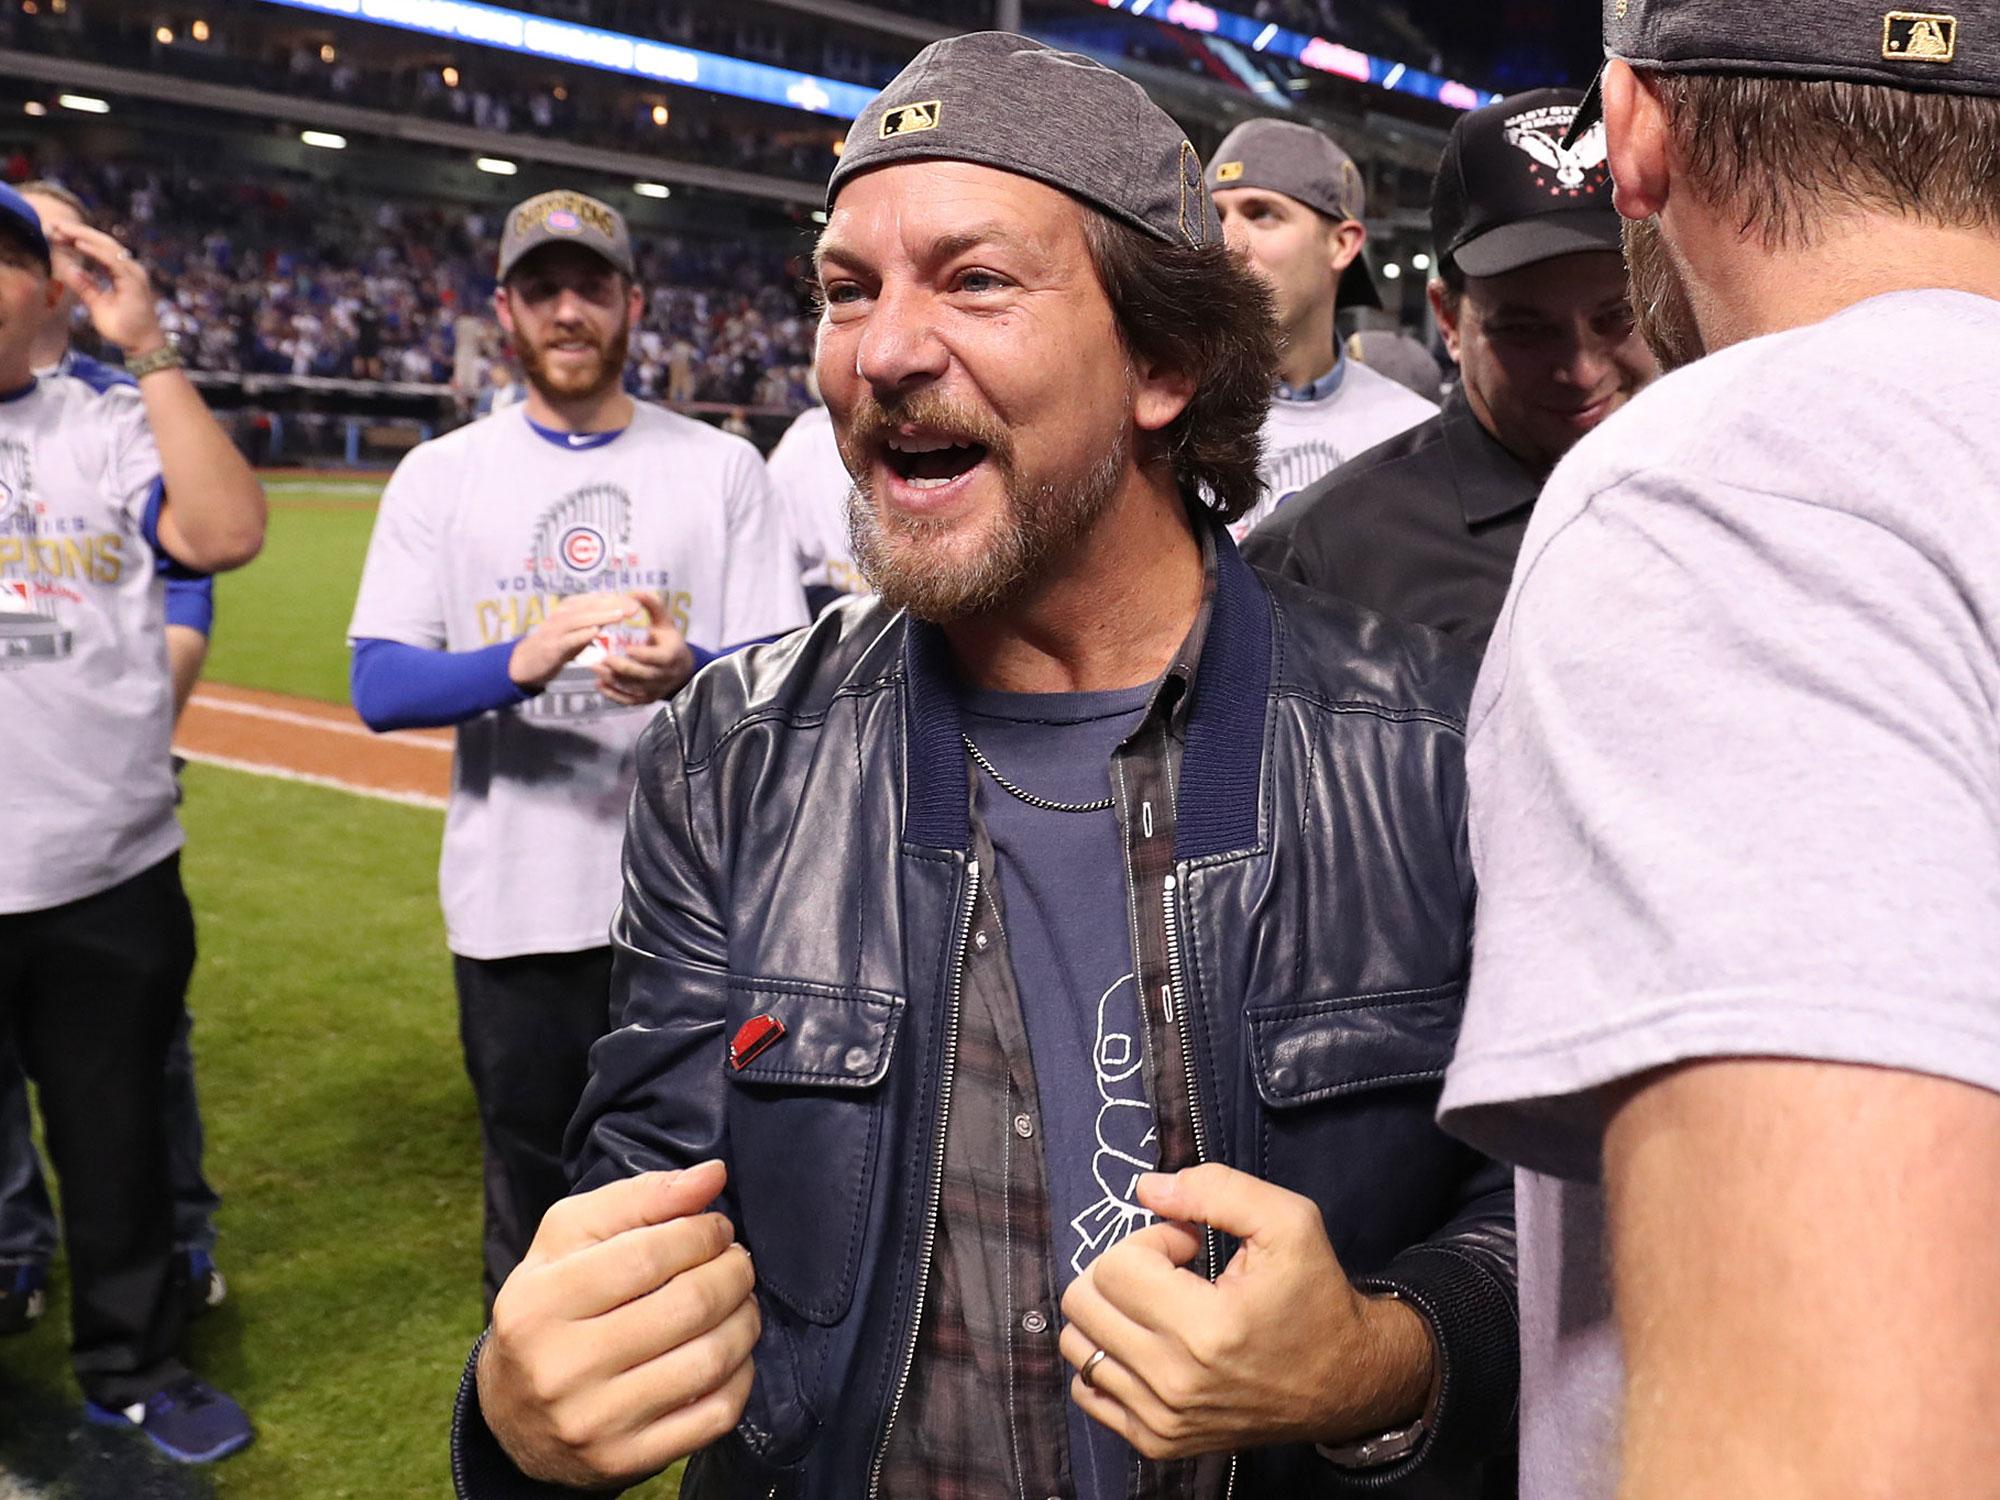 Eddie Vedder, Chicago Cubs fan